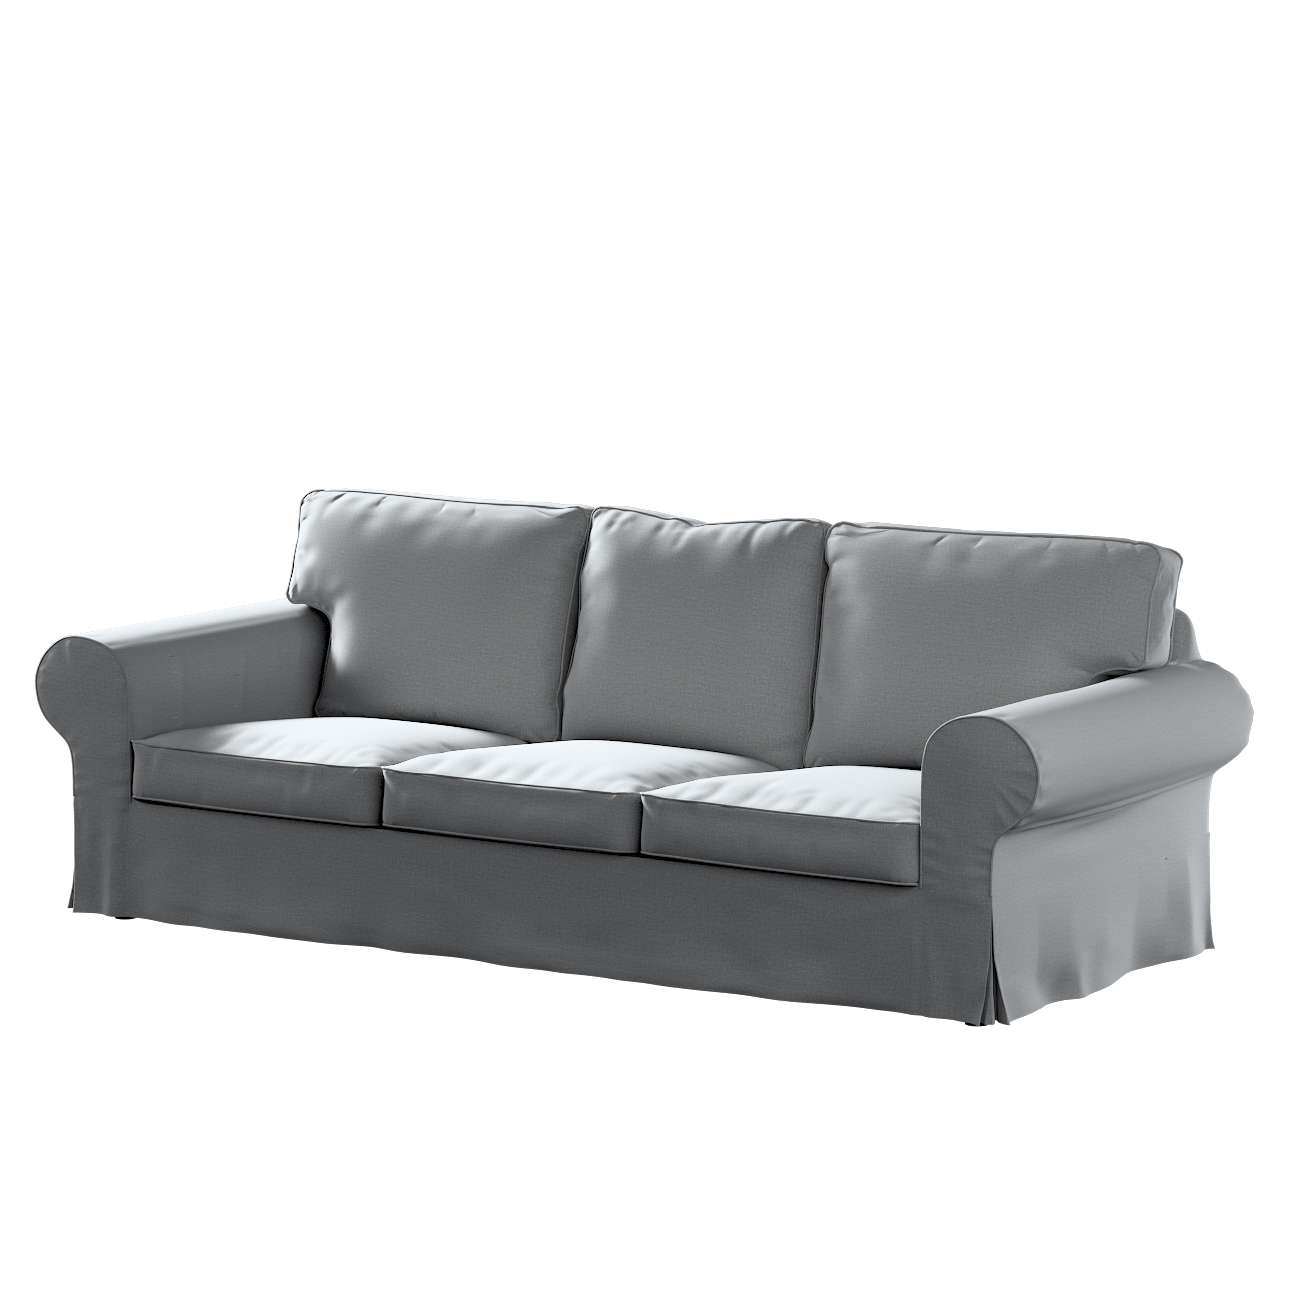 Pokrowiec na sofę Ektorp 3-osobową, rozkładaną w kolekcji Ingrid, tkanina: 705-42